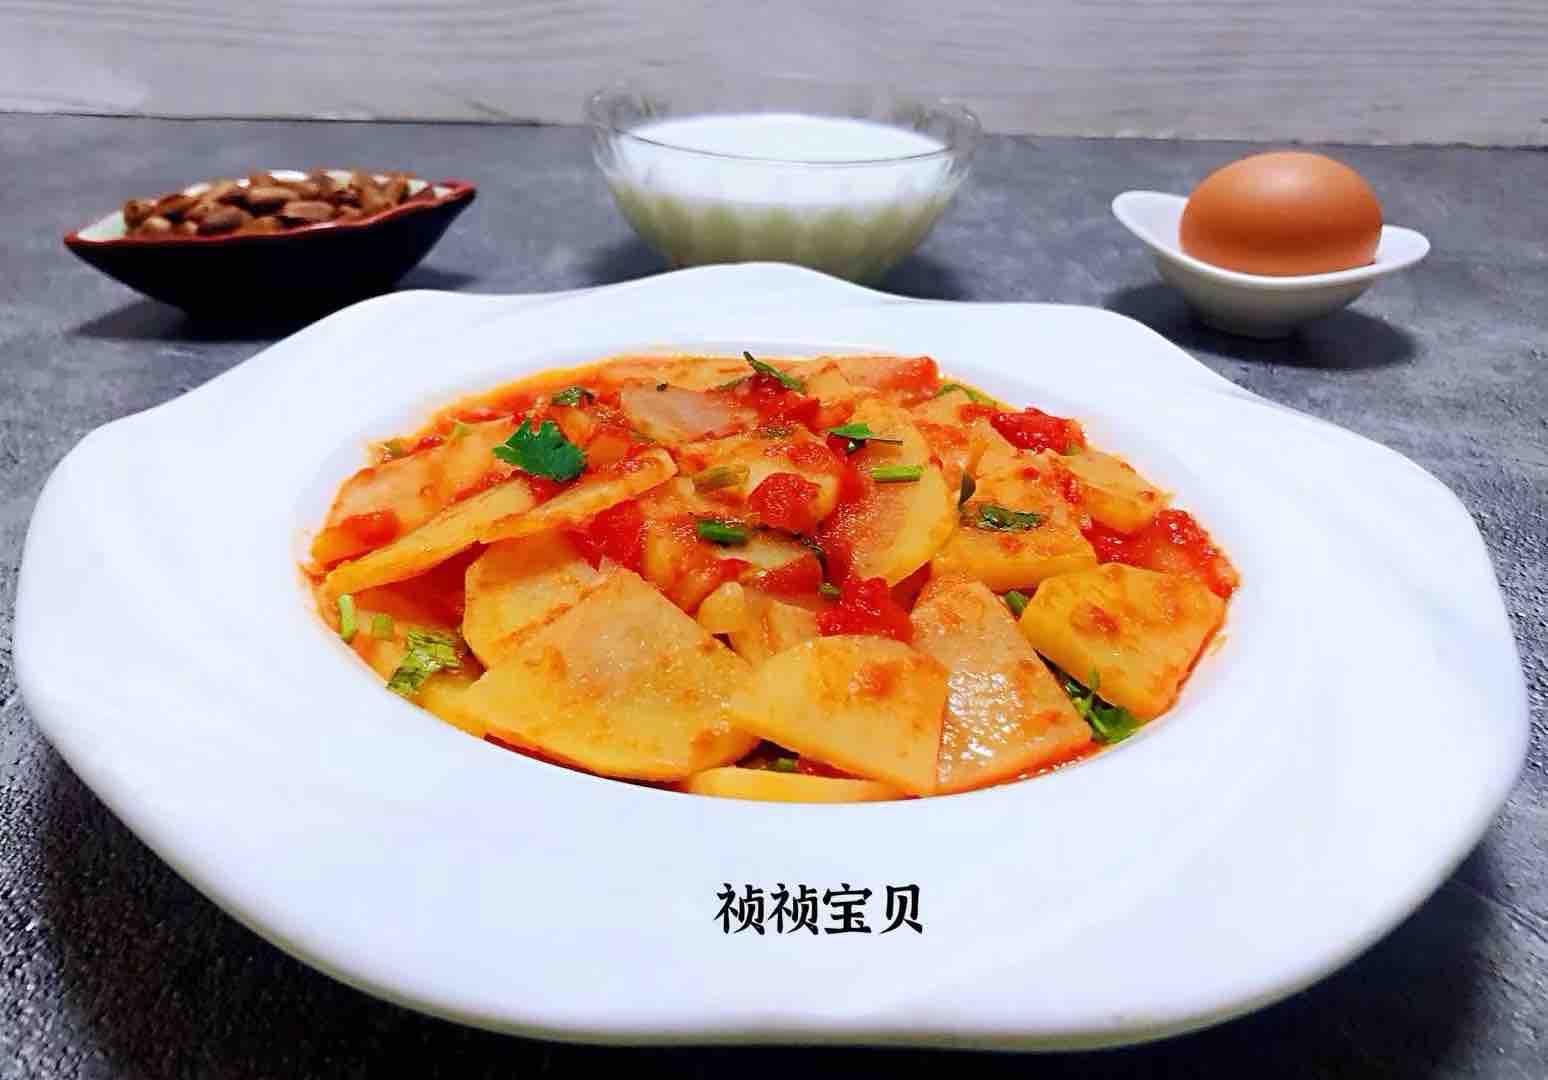 西红柿炒土豆片怎样炒